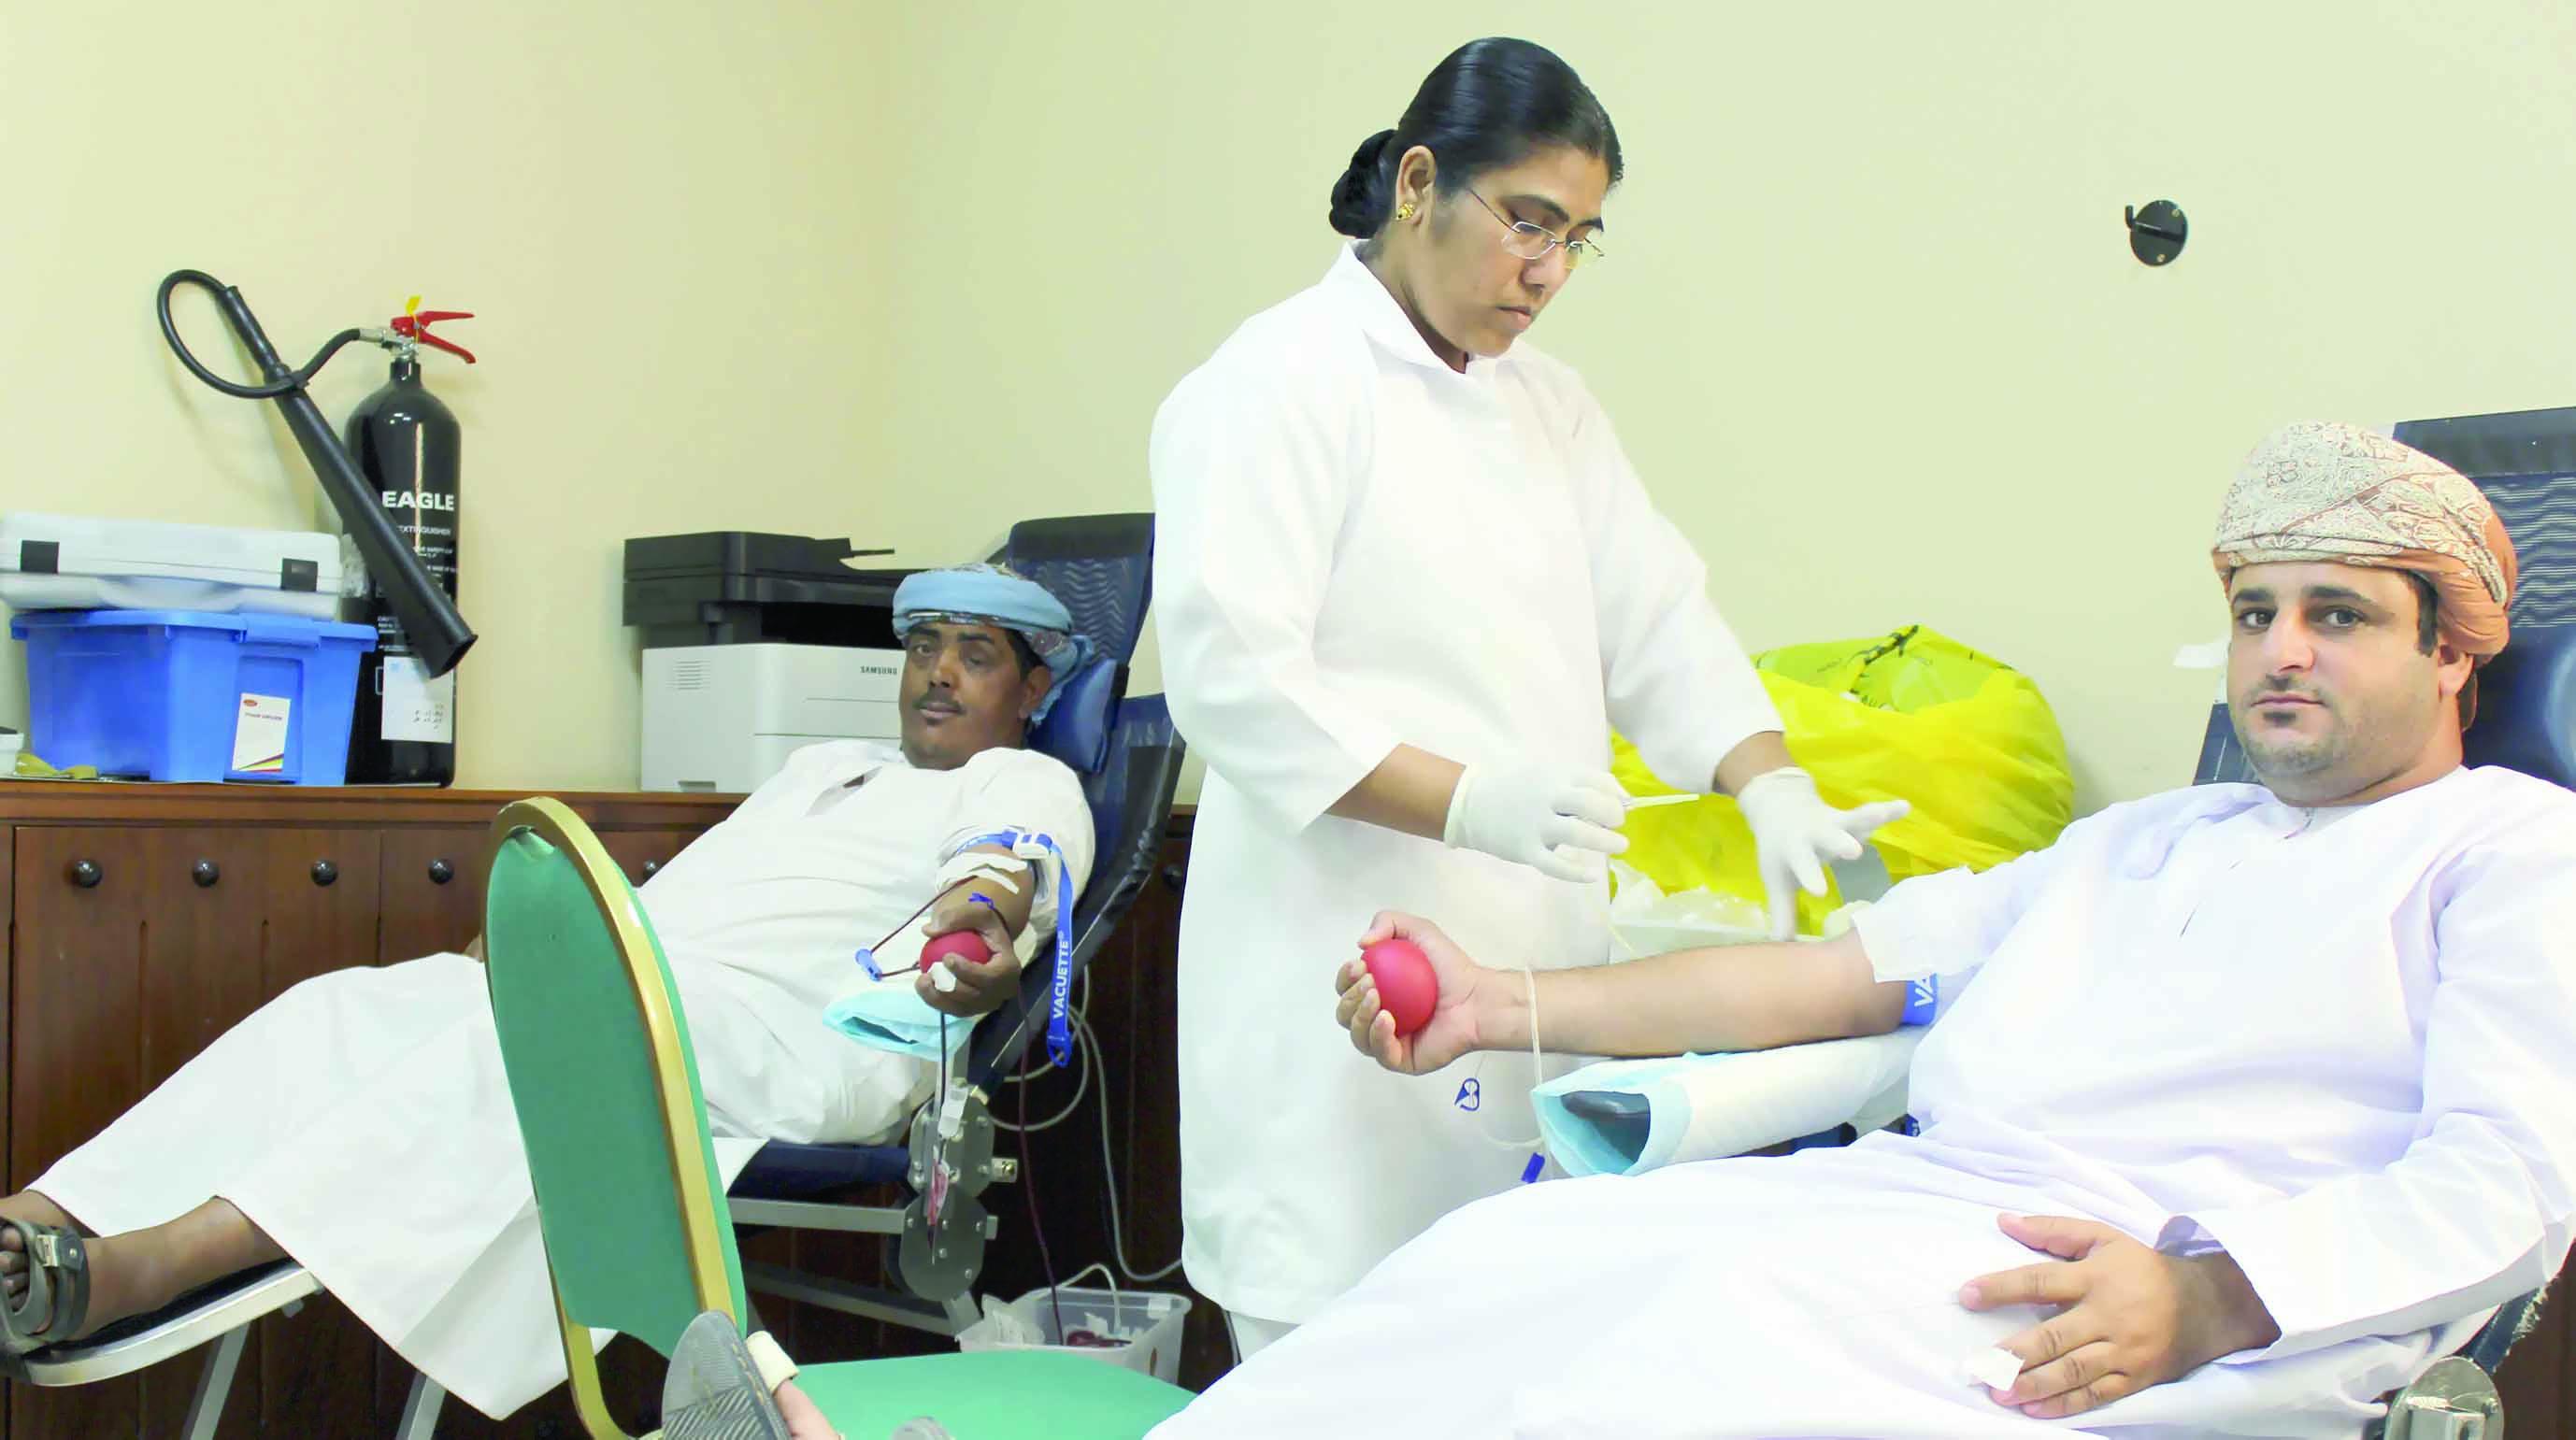 د.خالد البلوشي: إنشاء قاعدة بيانات لمتبرعي الطوارئ..اليوم انطلاق المبادرة الوطنية للتبرع بالدم